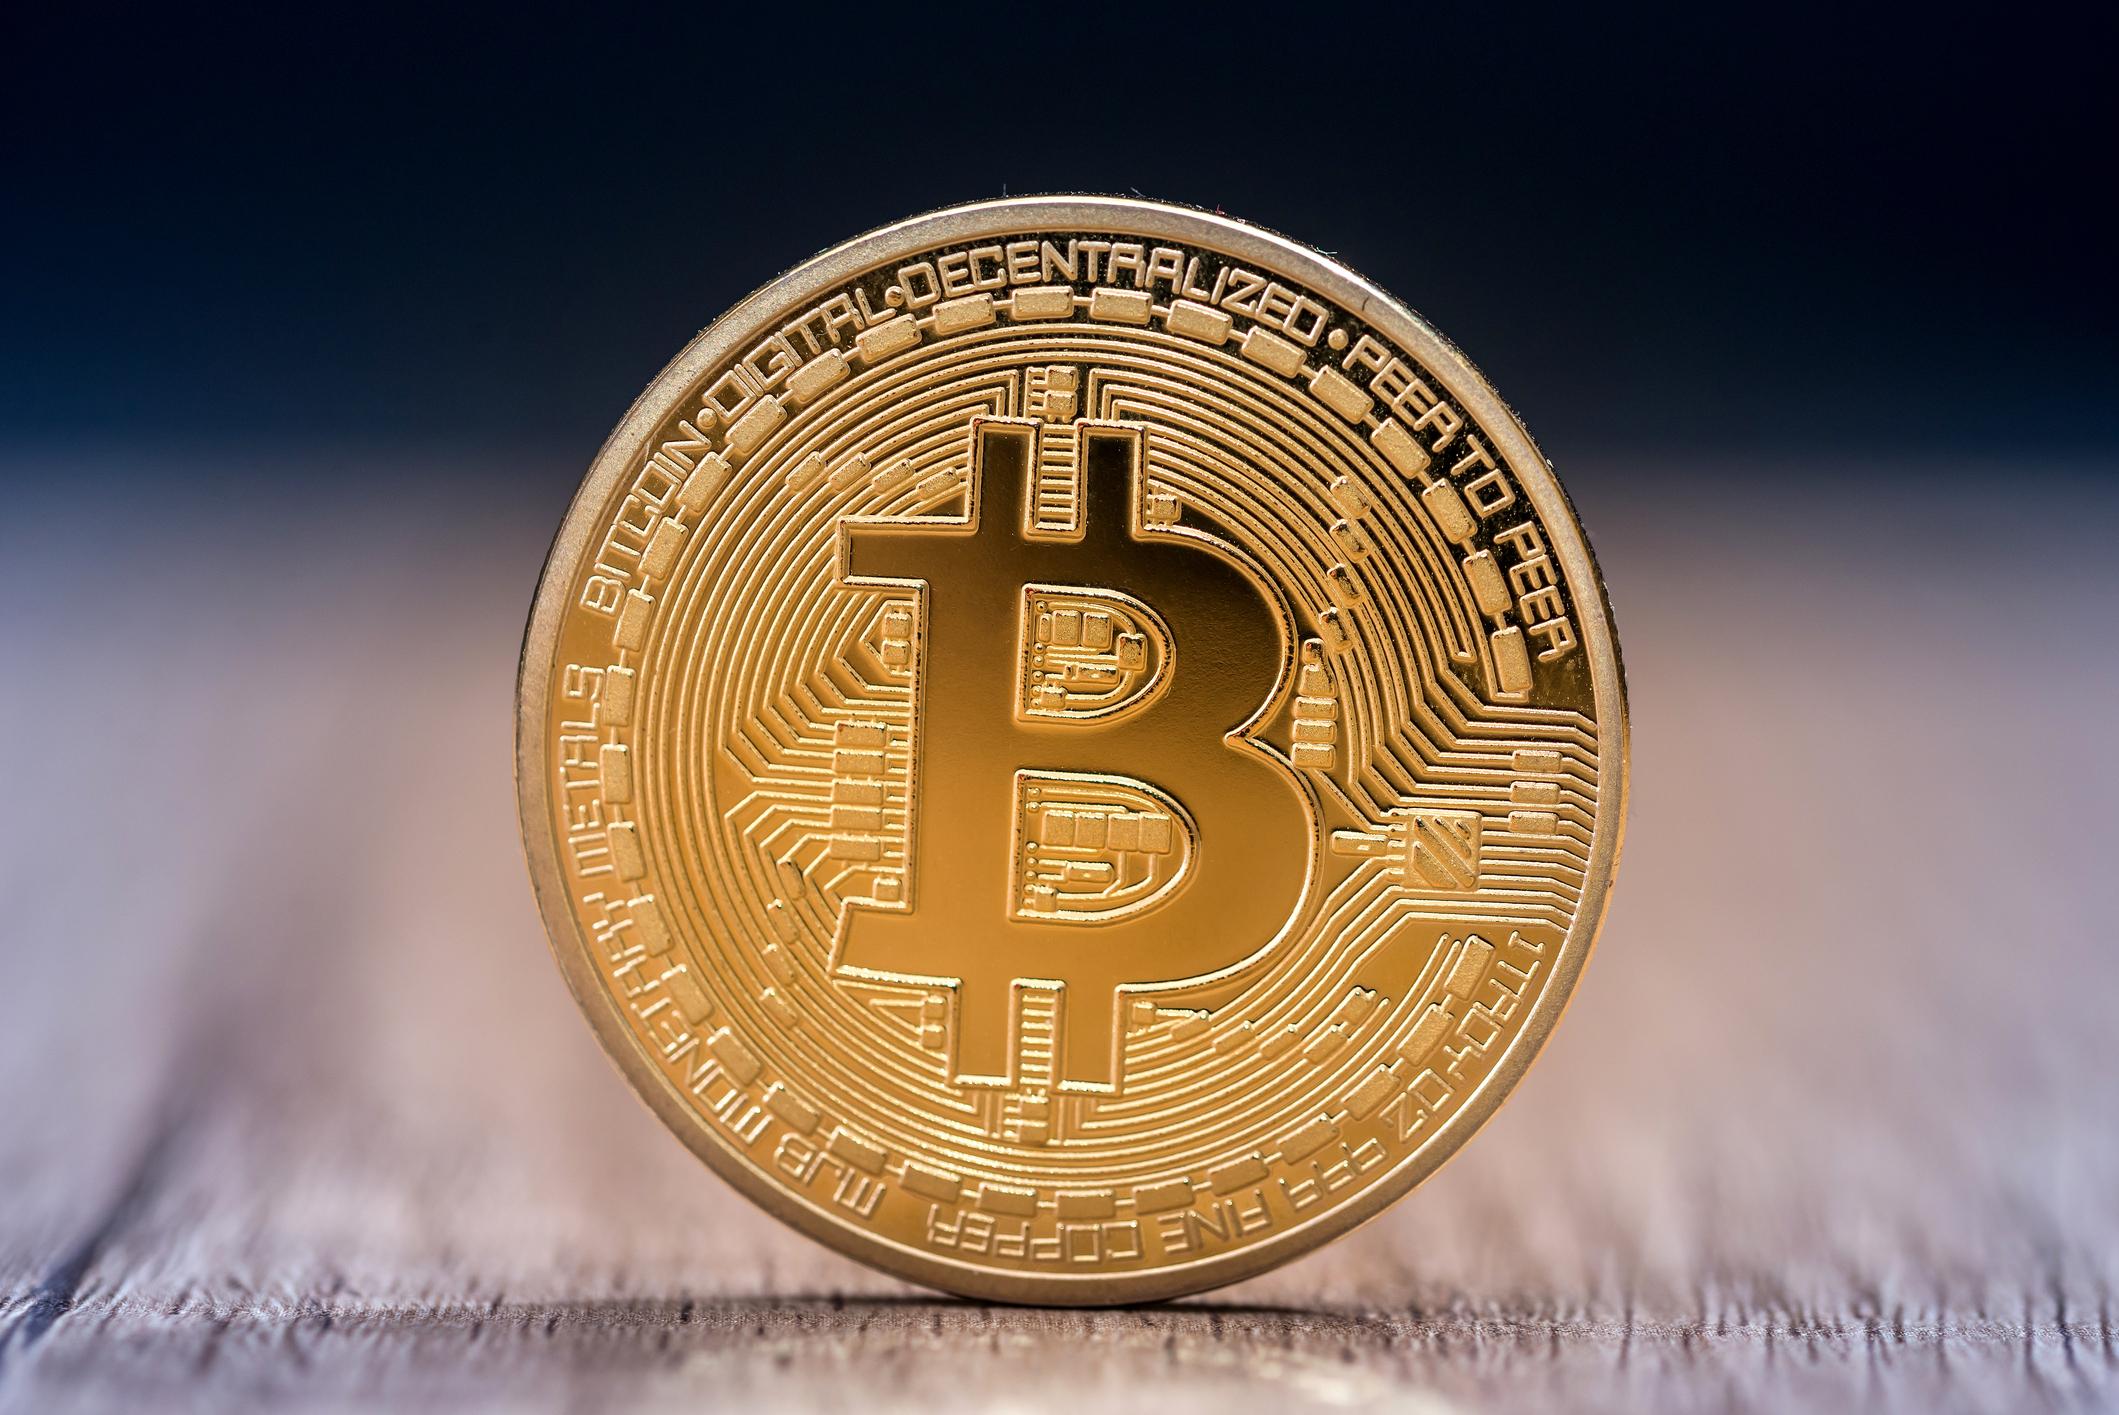 10 Reasons I'll Never Buy Bitcoin